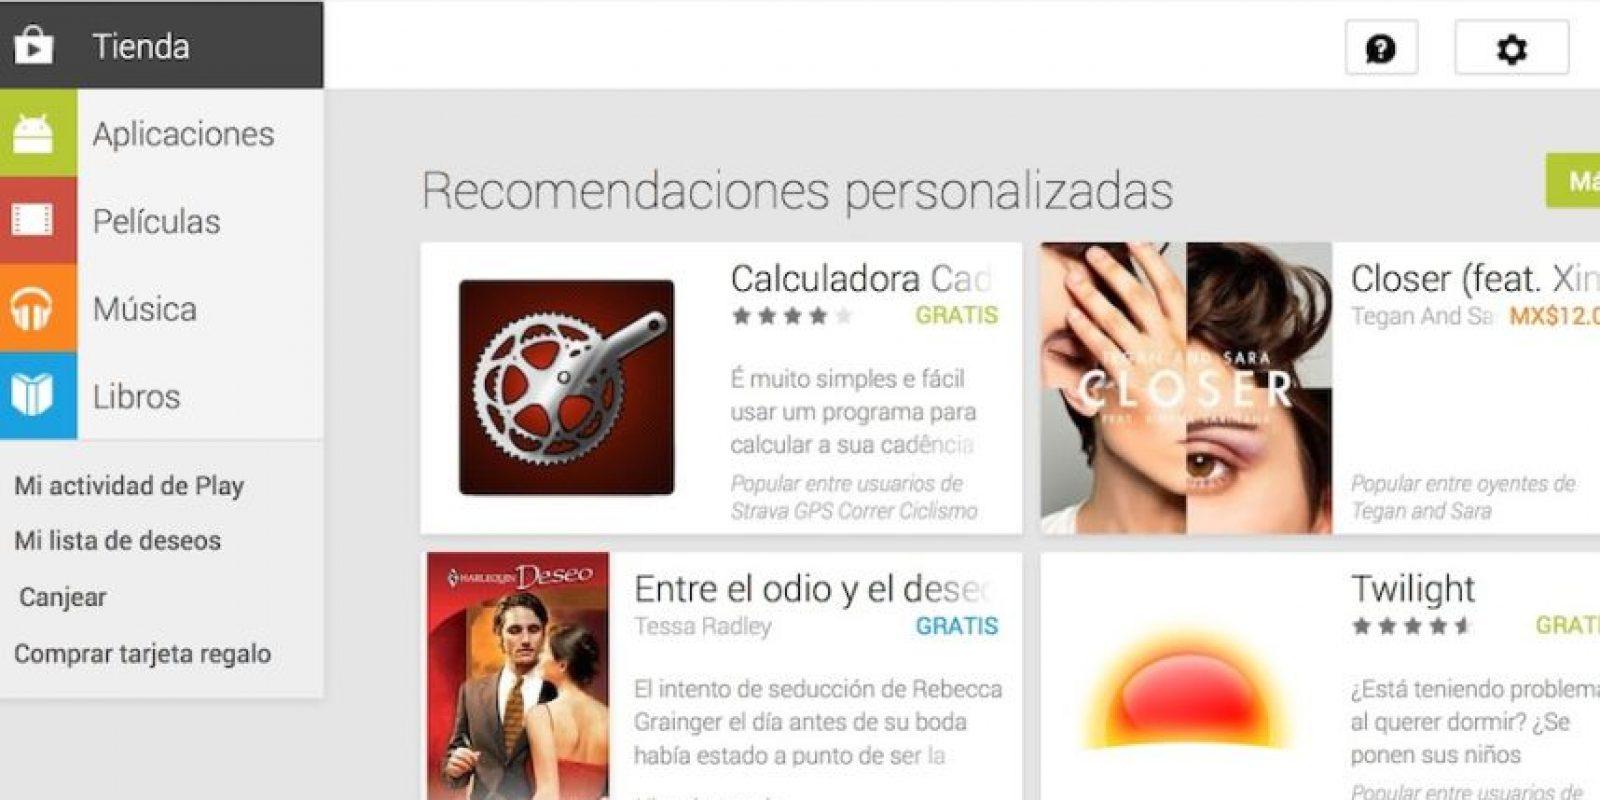 Google Play es en donde se han más descargas. Foto:Google